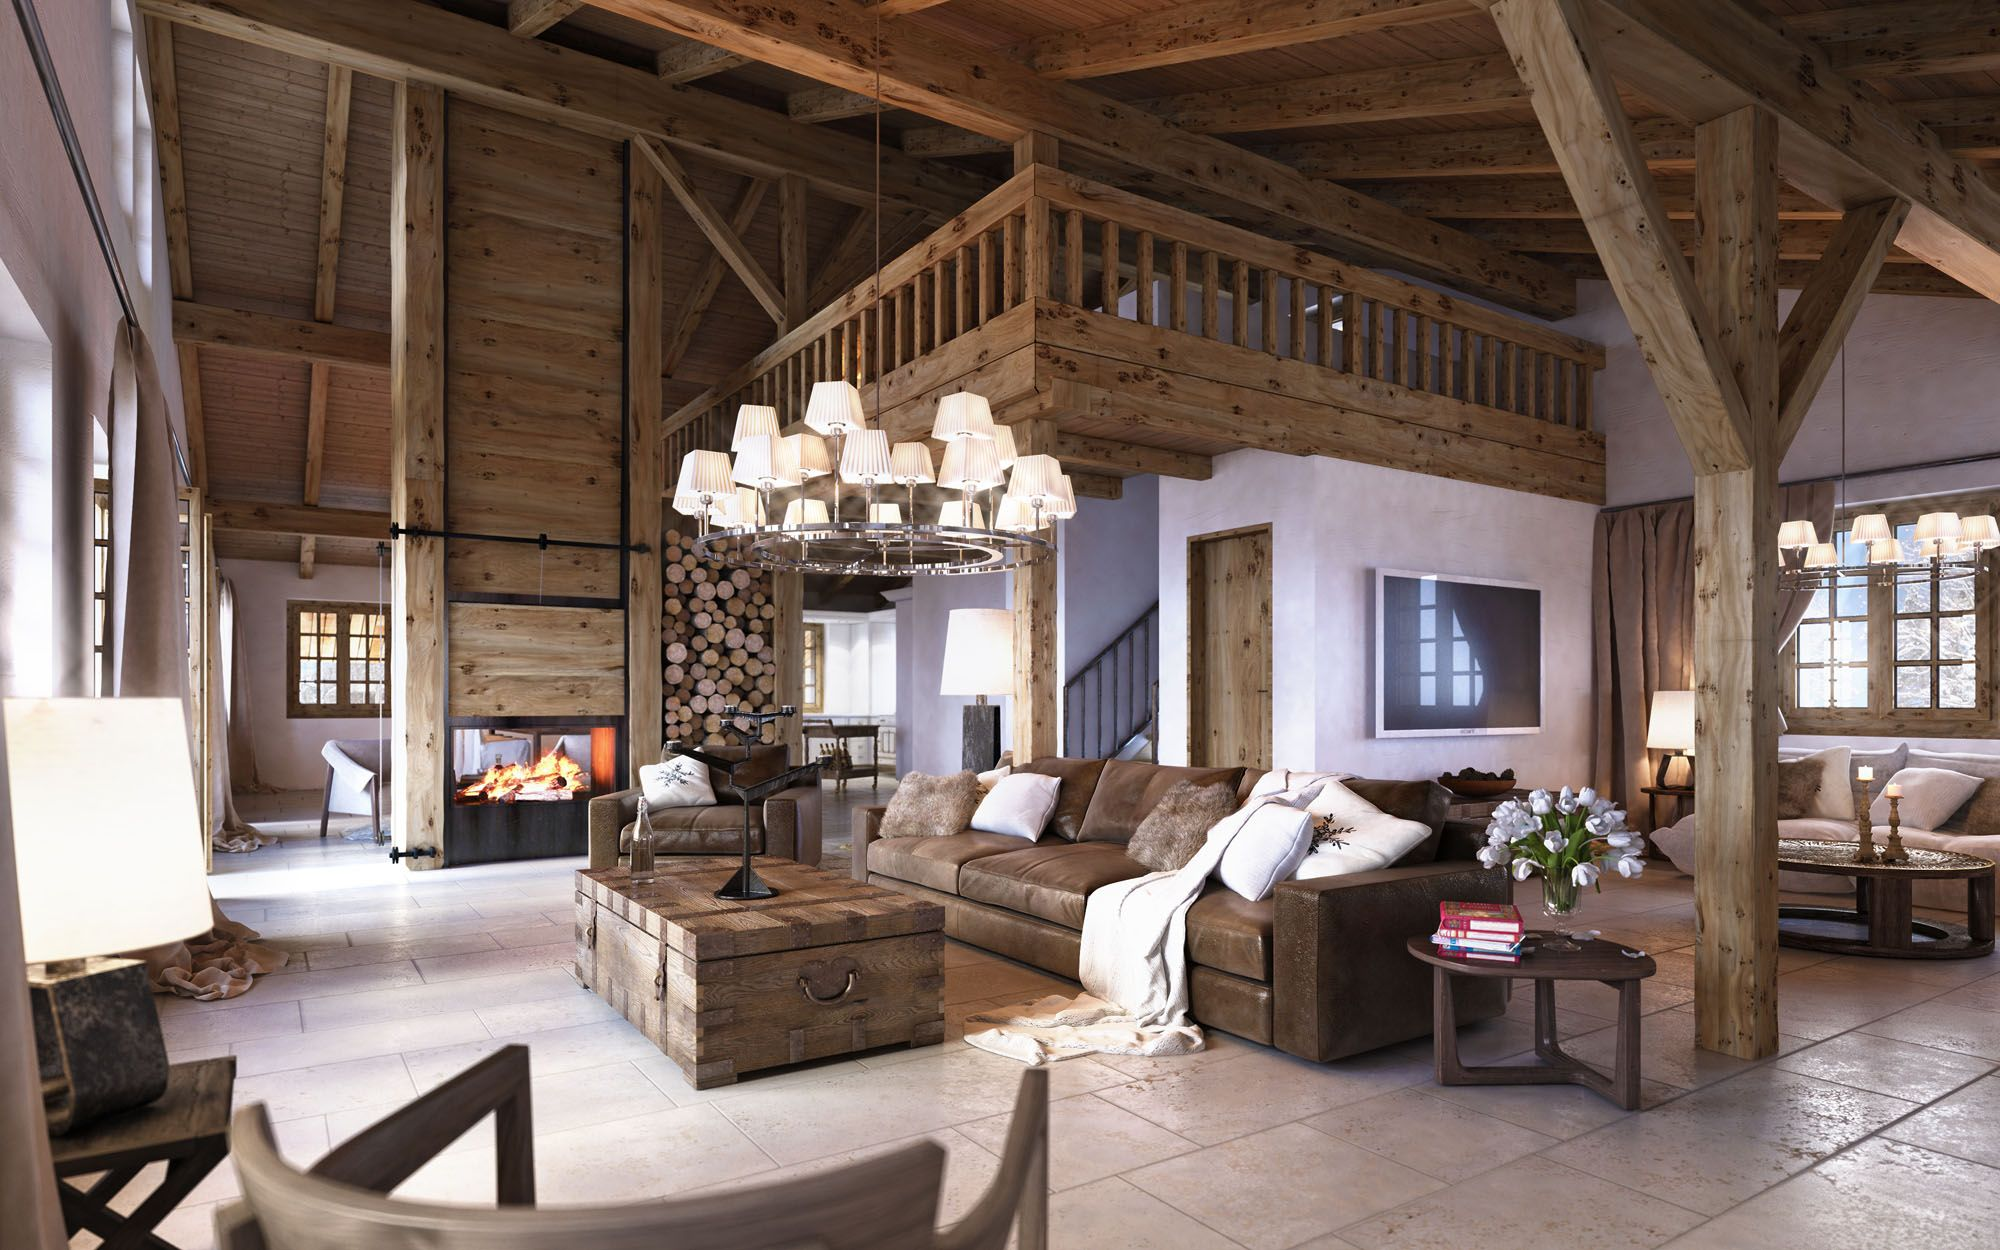 Wohnzimmer des modernen interieurs des hauses  moderne innovative luxus interieur ideen fürs wohnzimmer